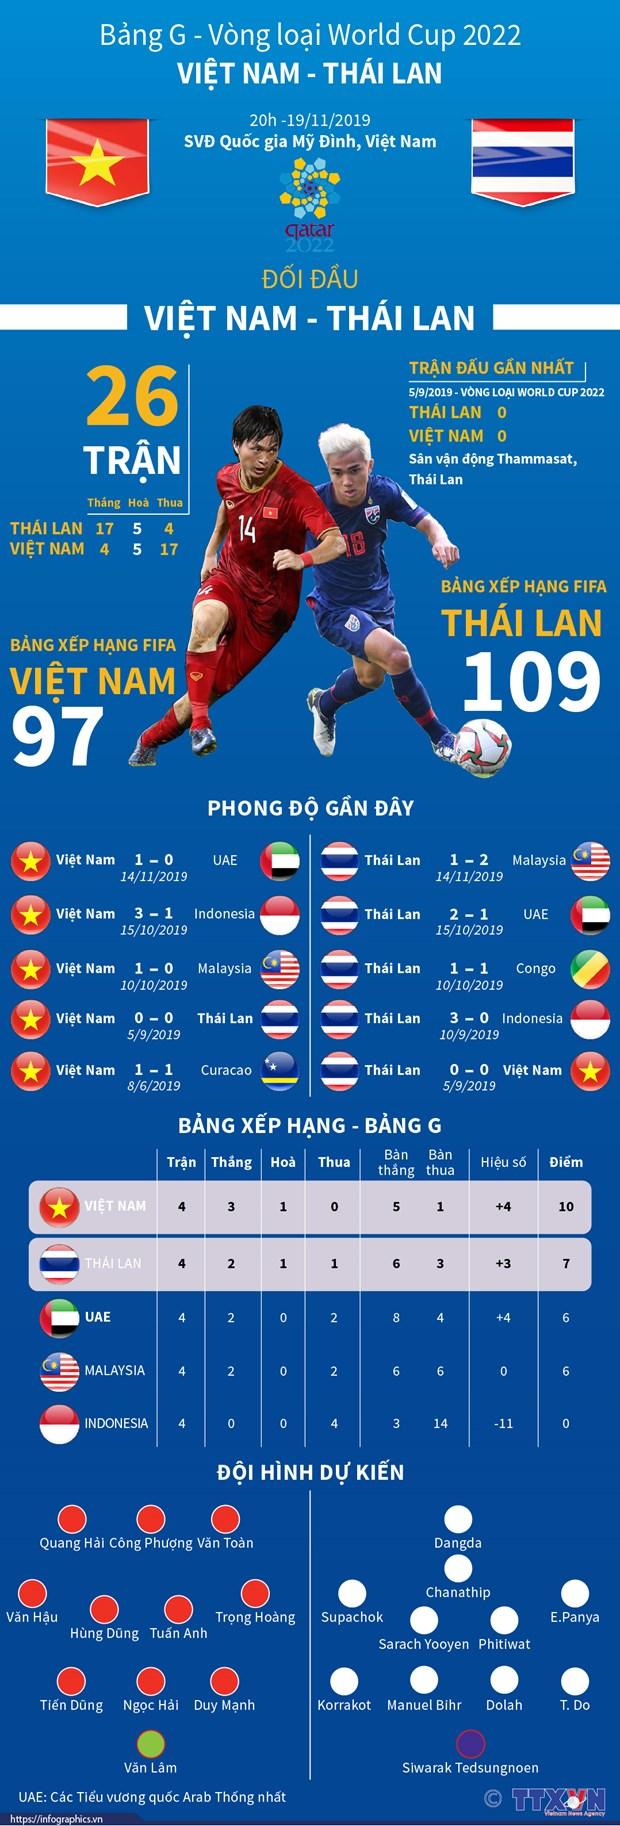 Hoa Thai Lan, doi tuyen Viet Nam van chac ngoi dau bang hinh anh 1